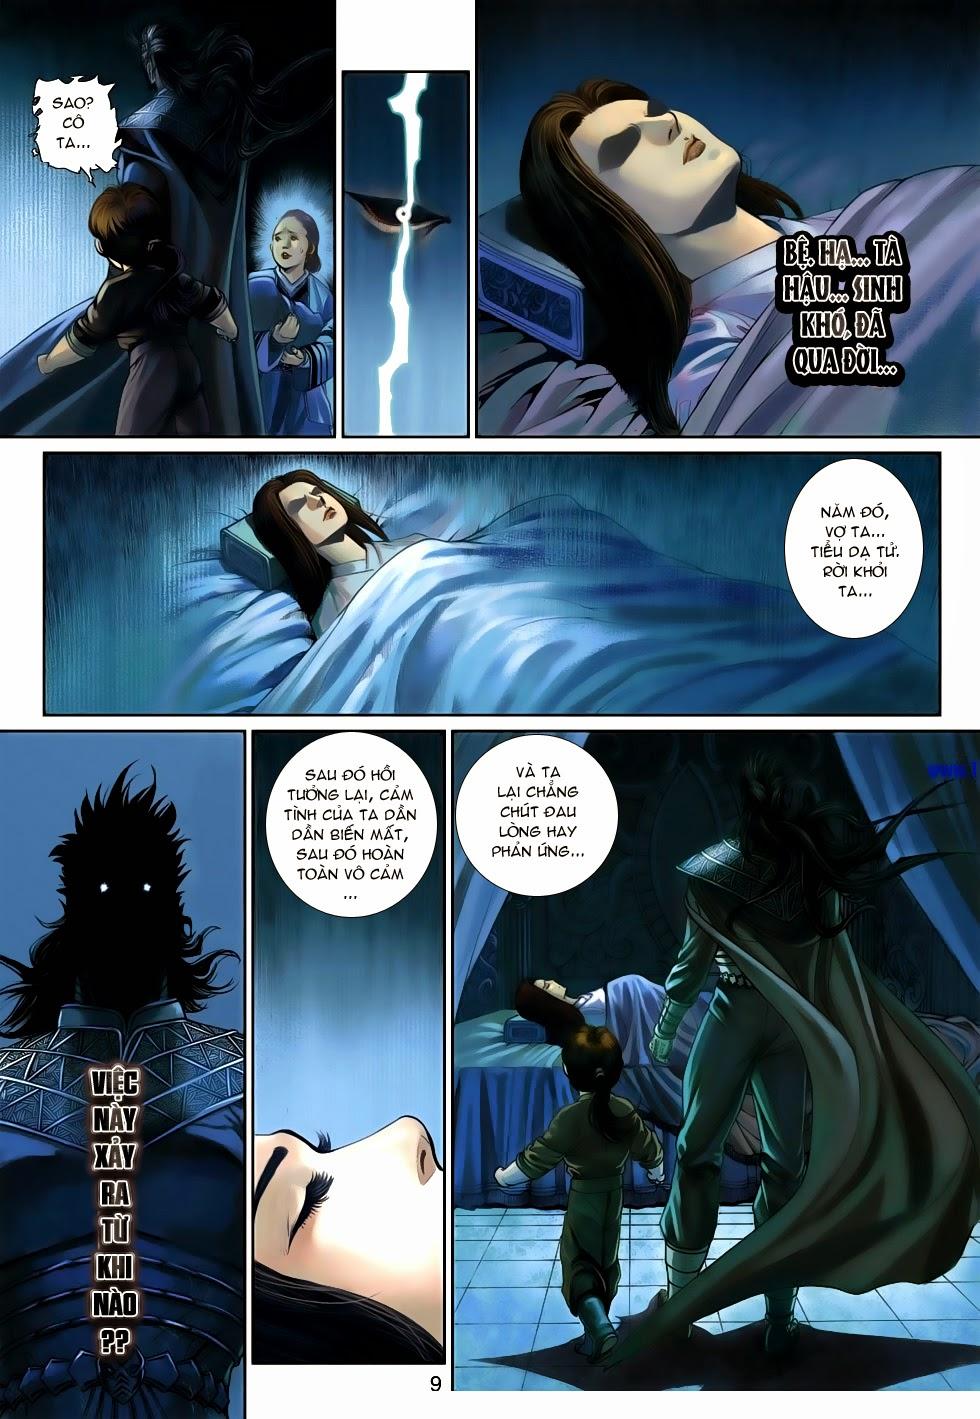 Thần Binh Tiền Truyện 4 - Huyền Thiên Tà Đế chap 14 - Trang 9